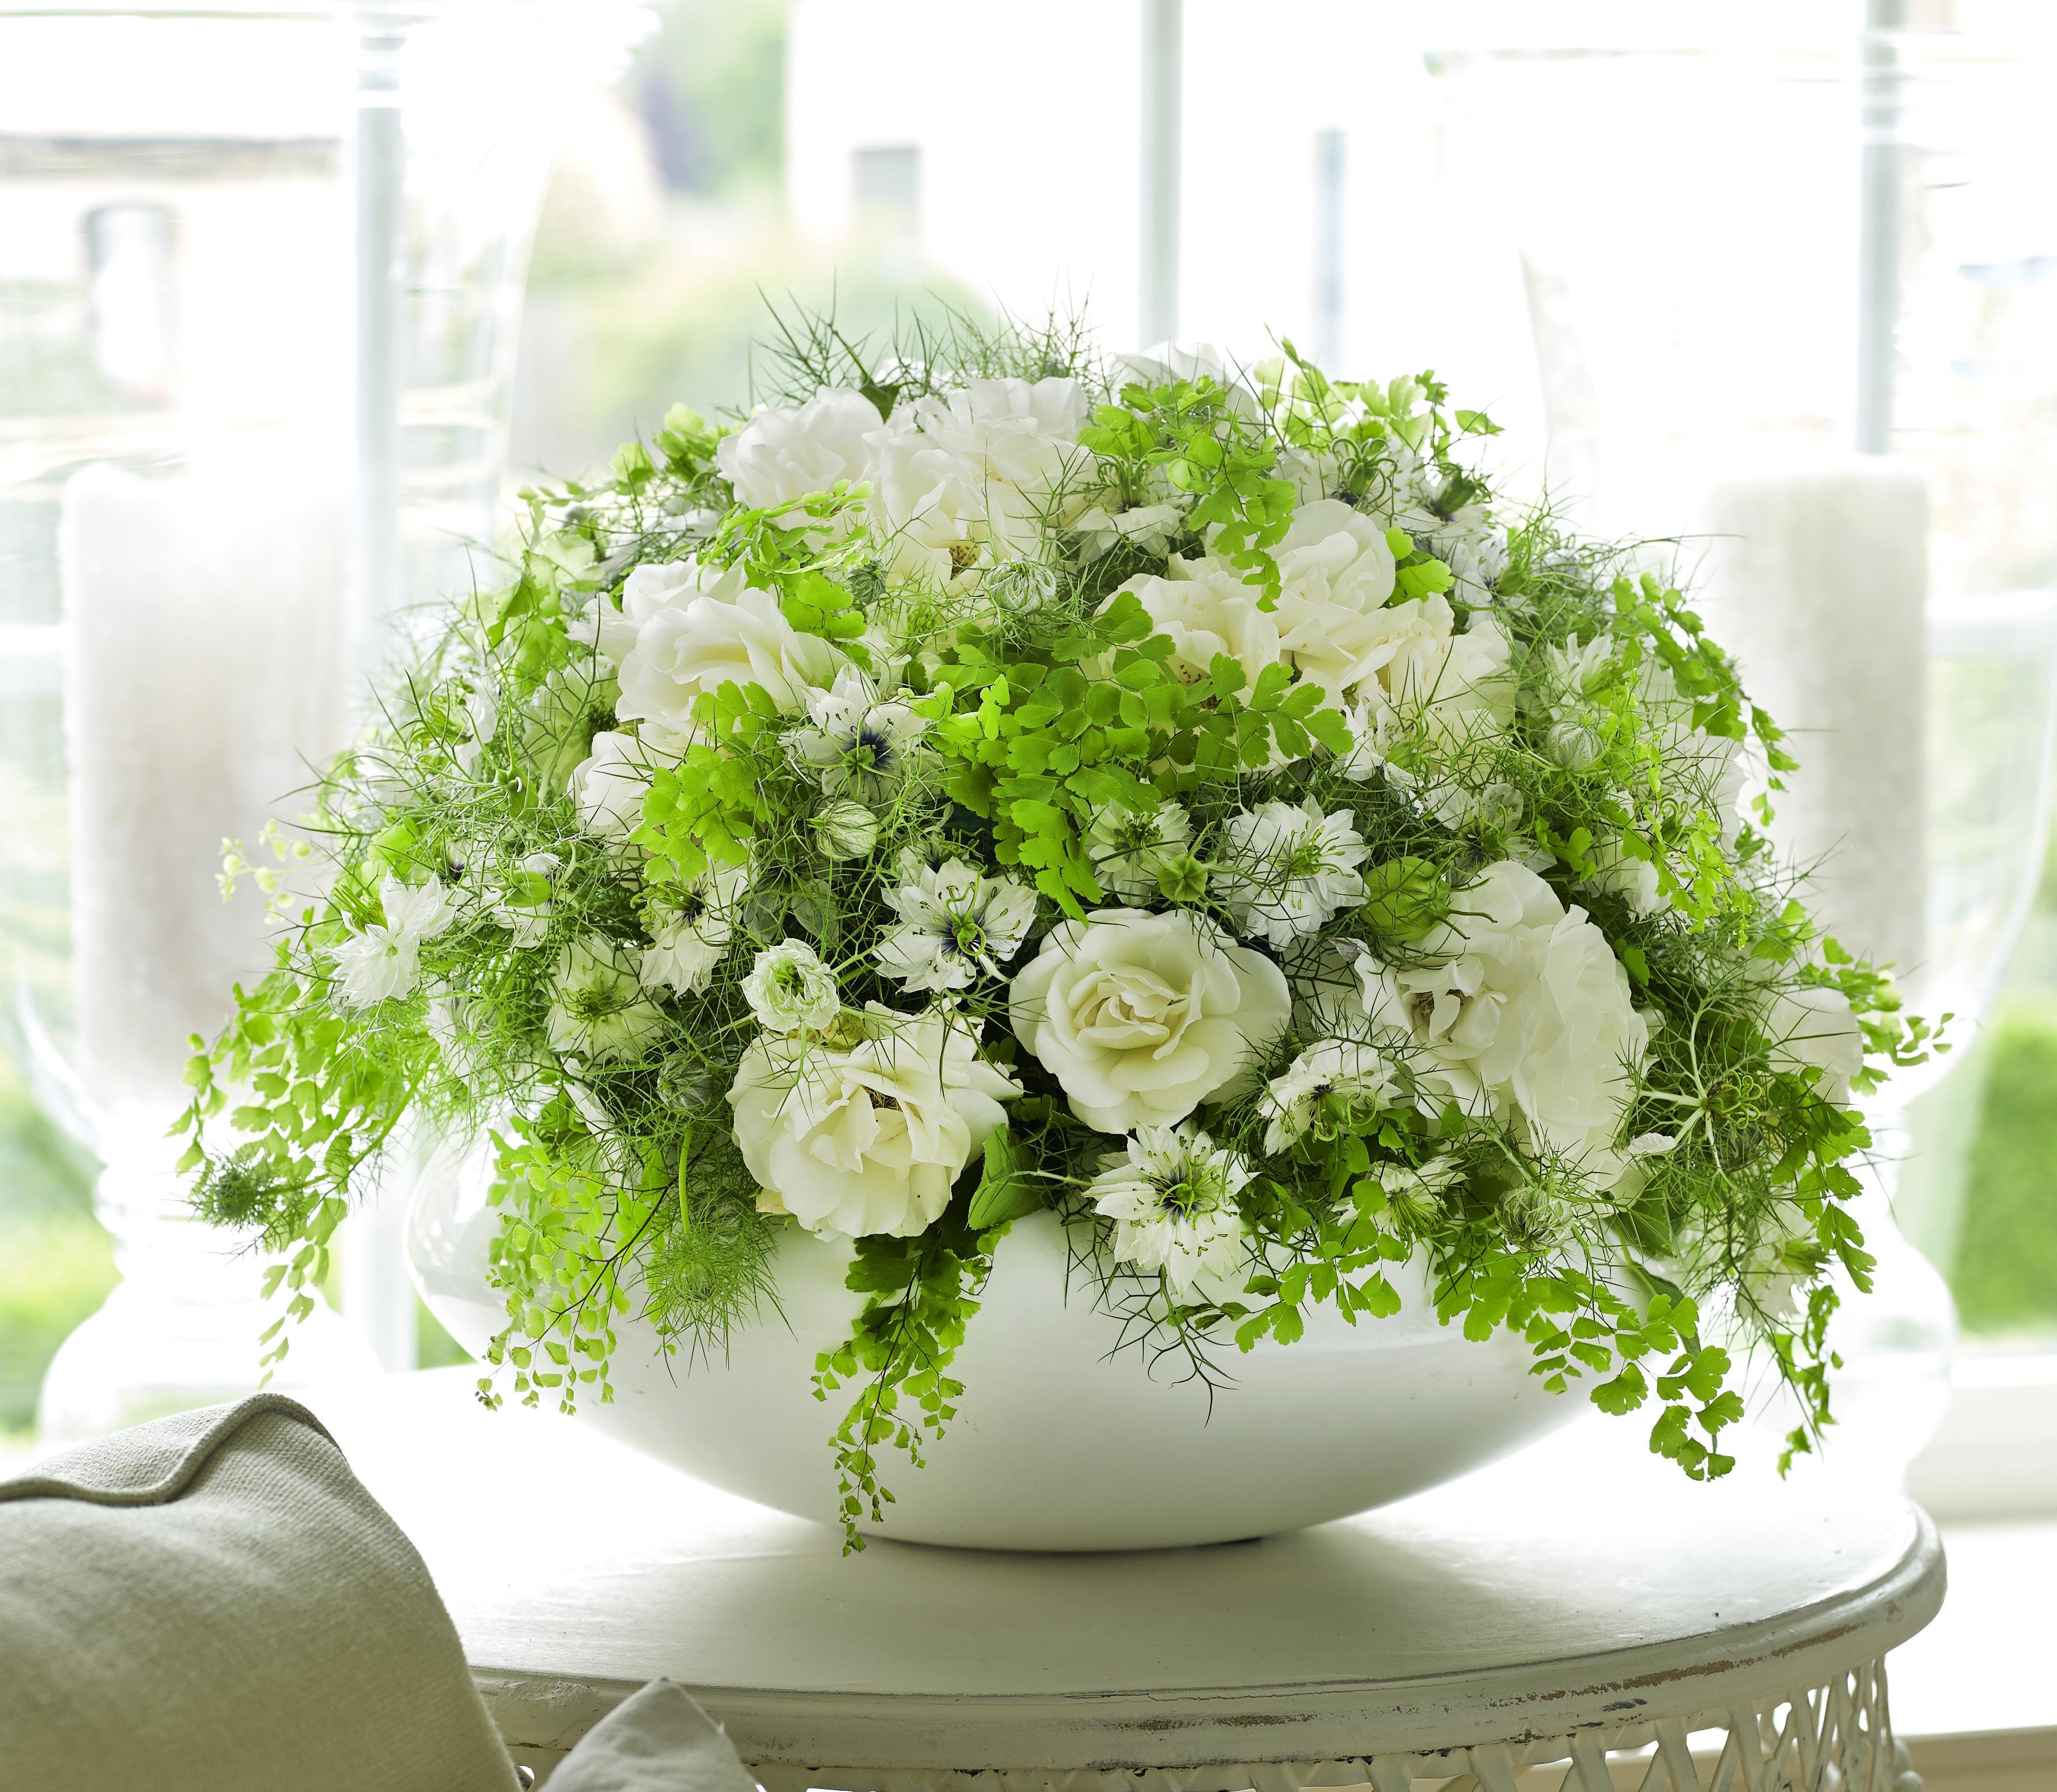 bouquet cr atif boule de fleurs blanches femmes d. Black Bedroom Furniture Sets. Home Design Ideas